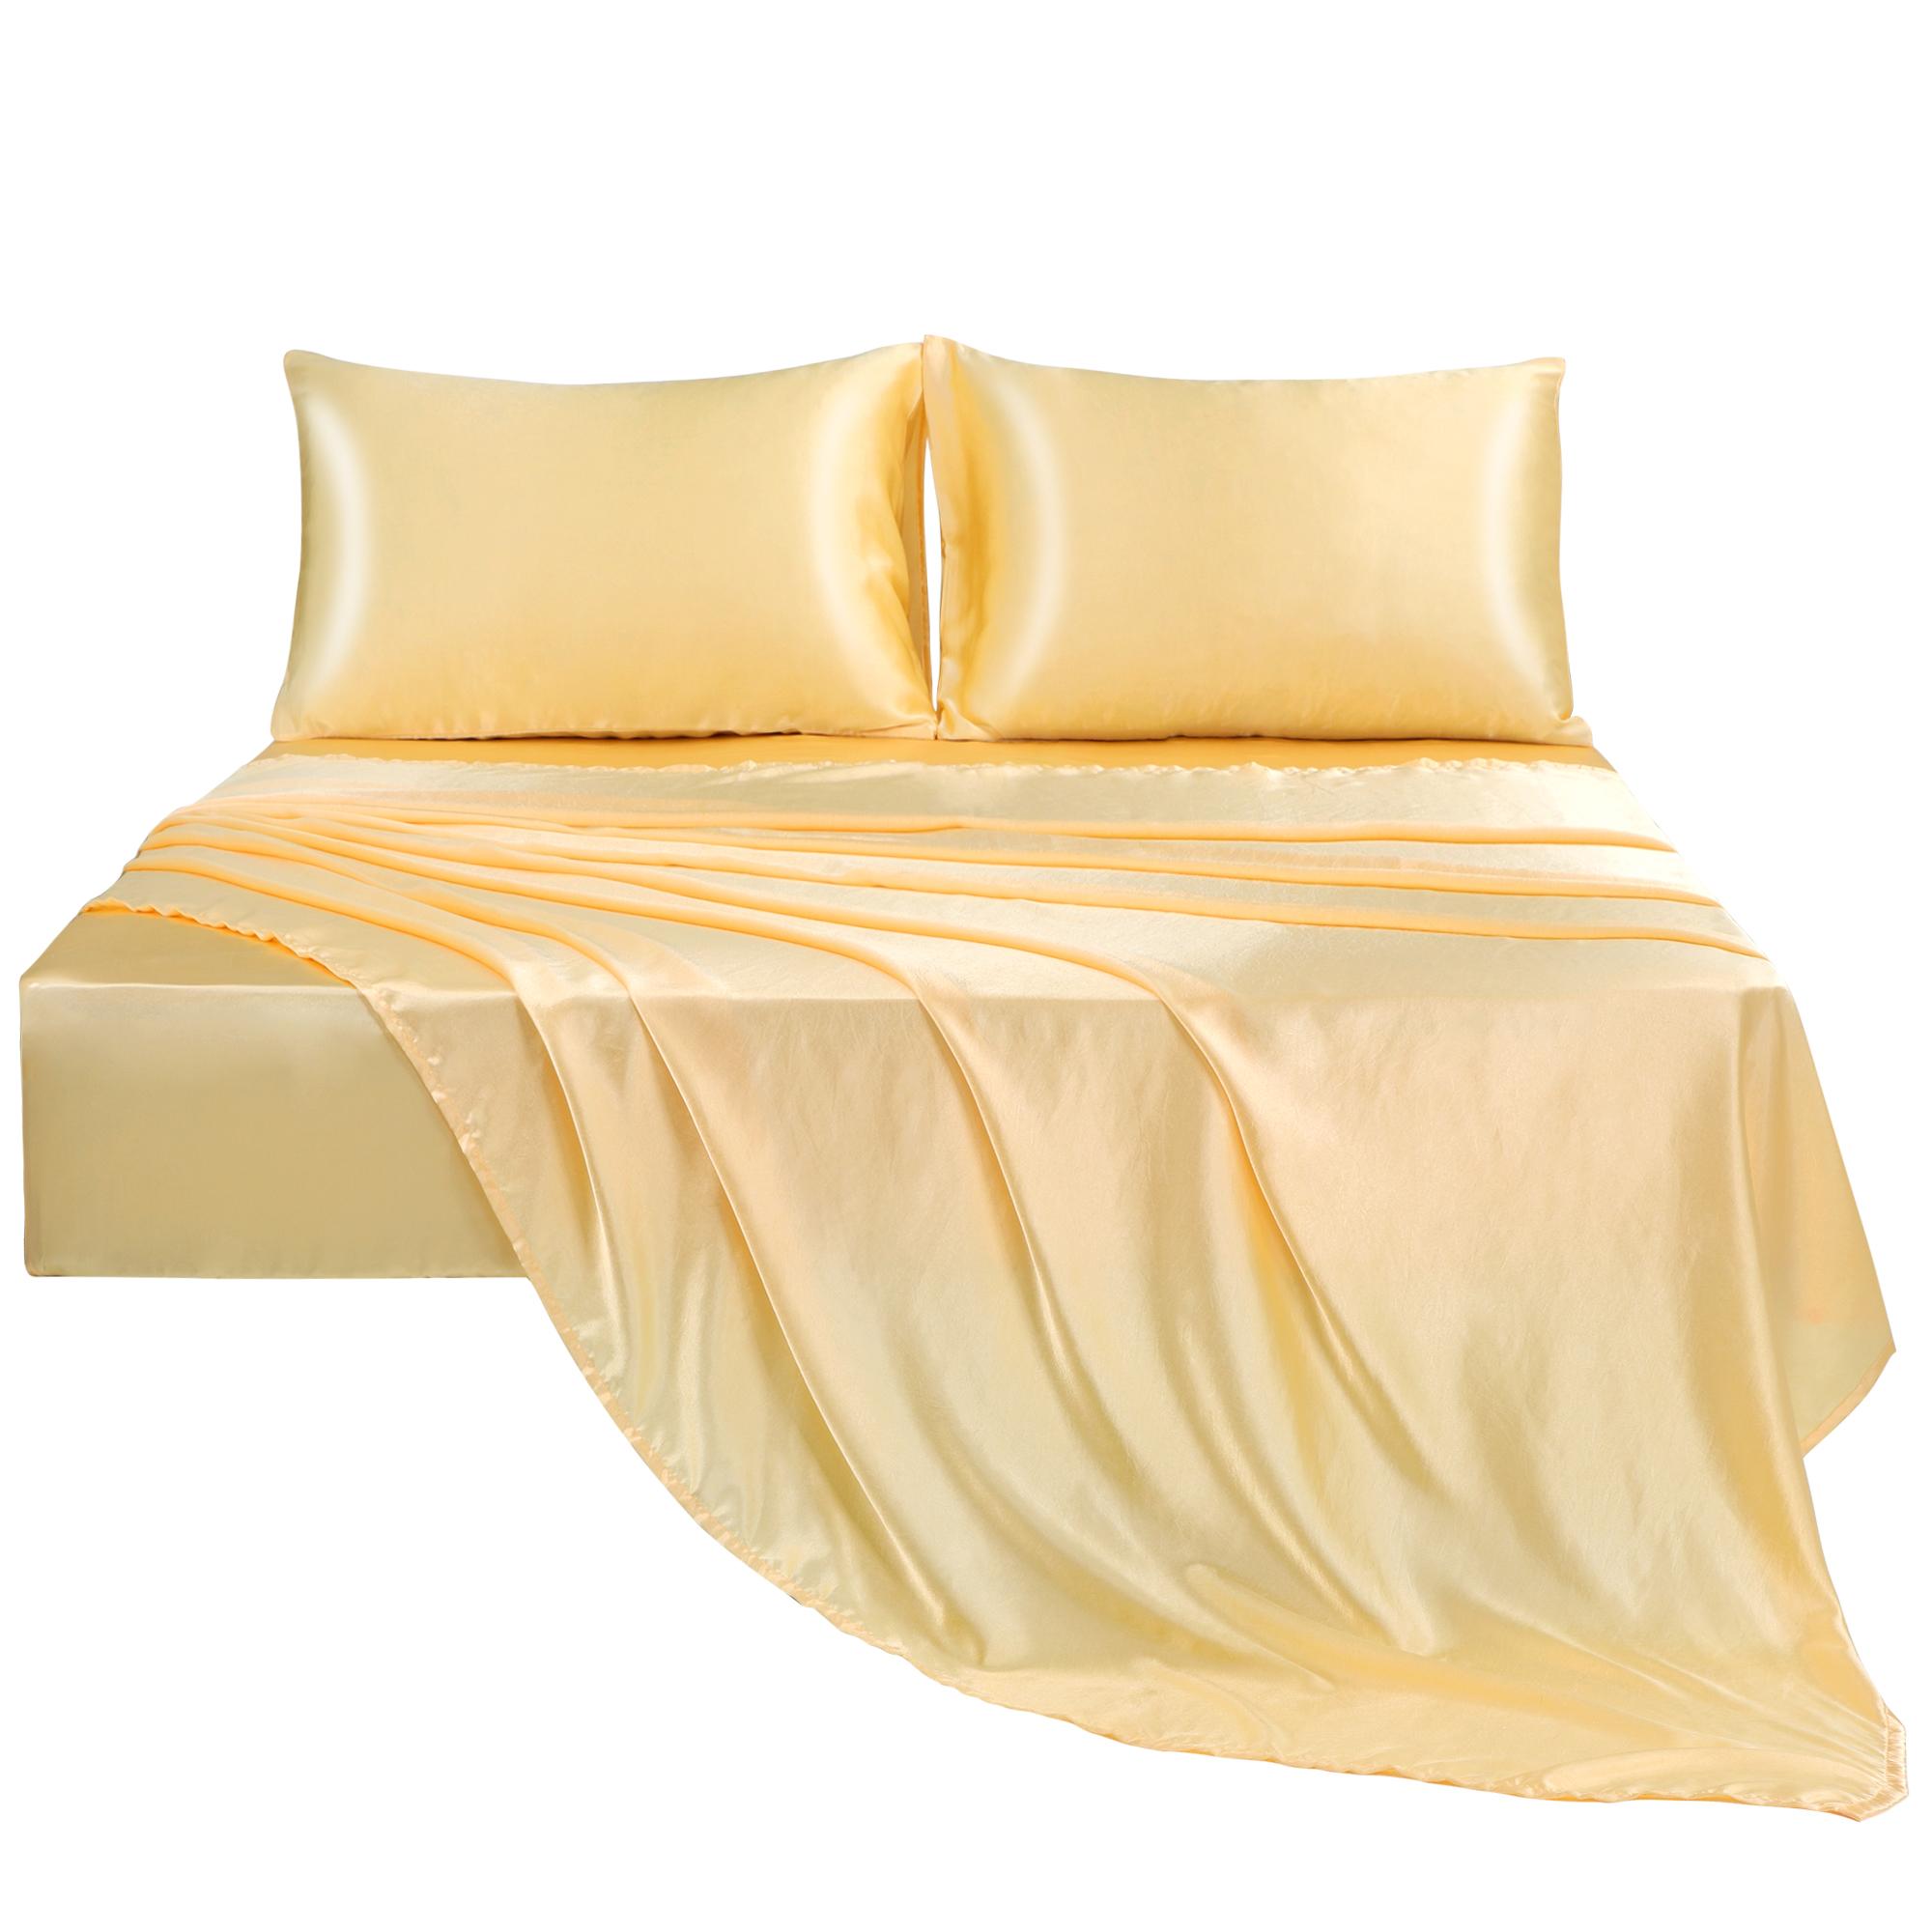 Satin Sheet Set 4 Pcs Polyester Smooth Soft Luxury Bedding Set Gold King